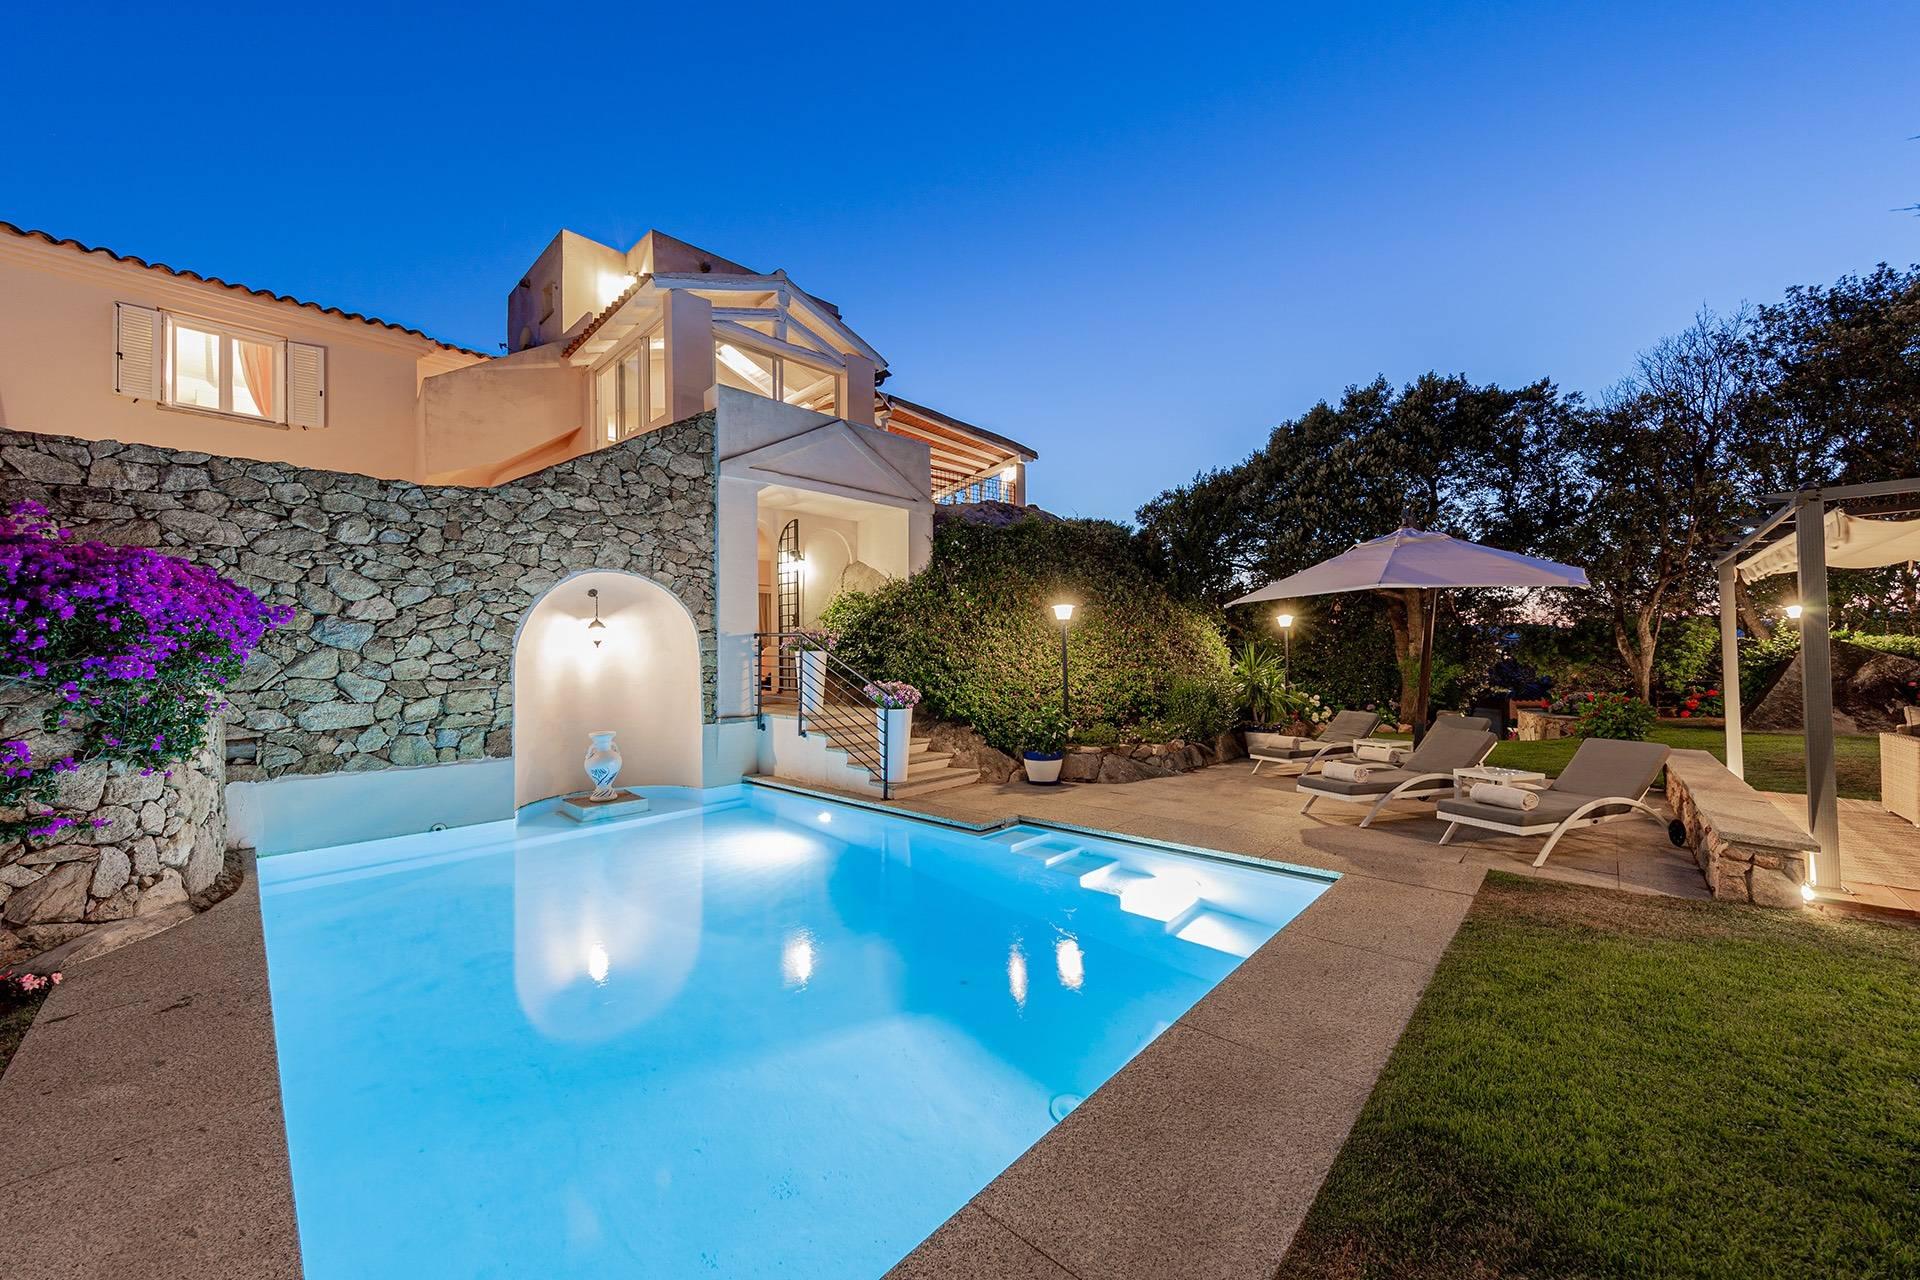 Villa in vendita a Olbia (SS)